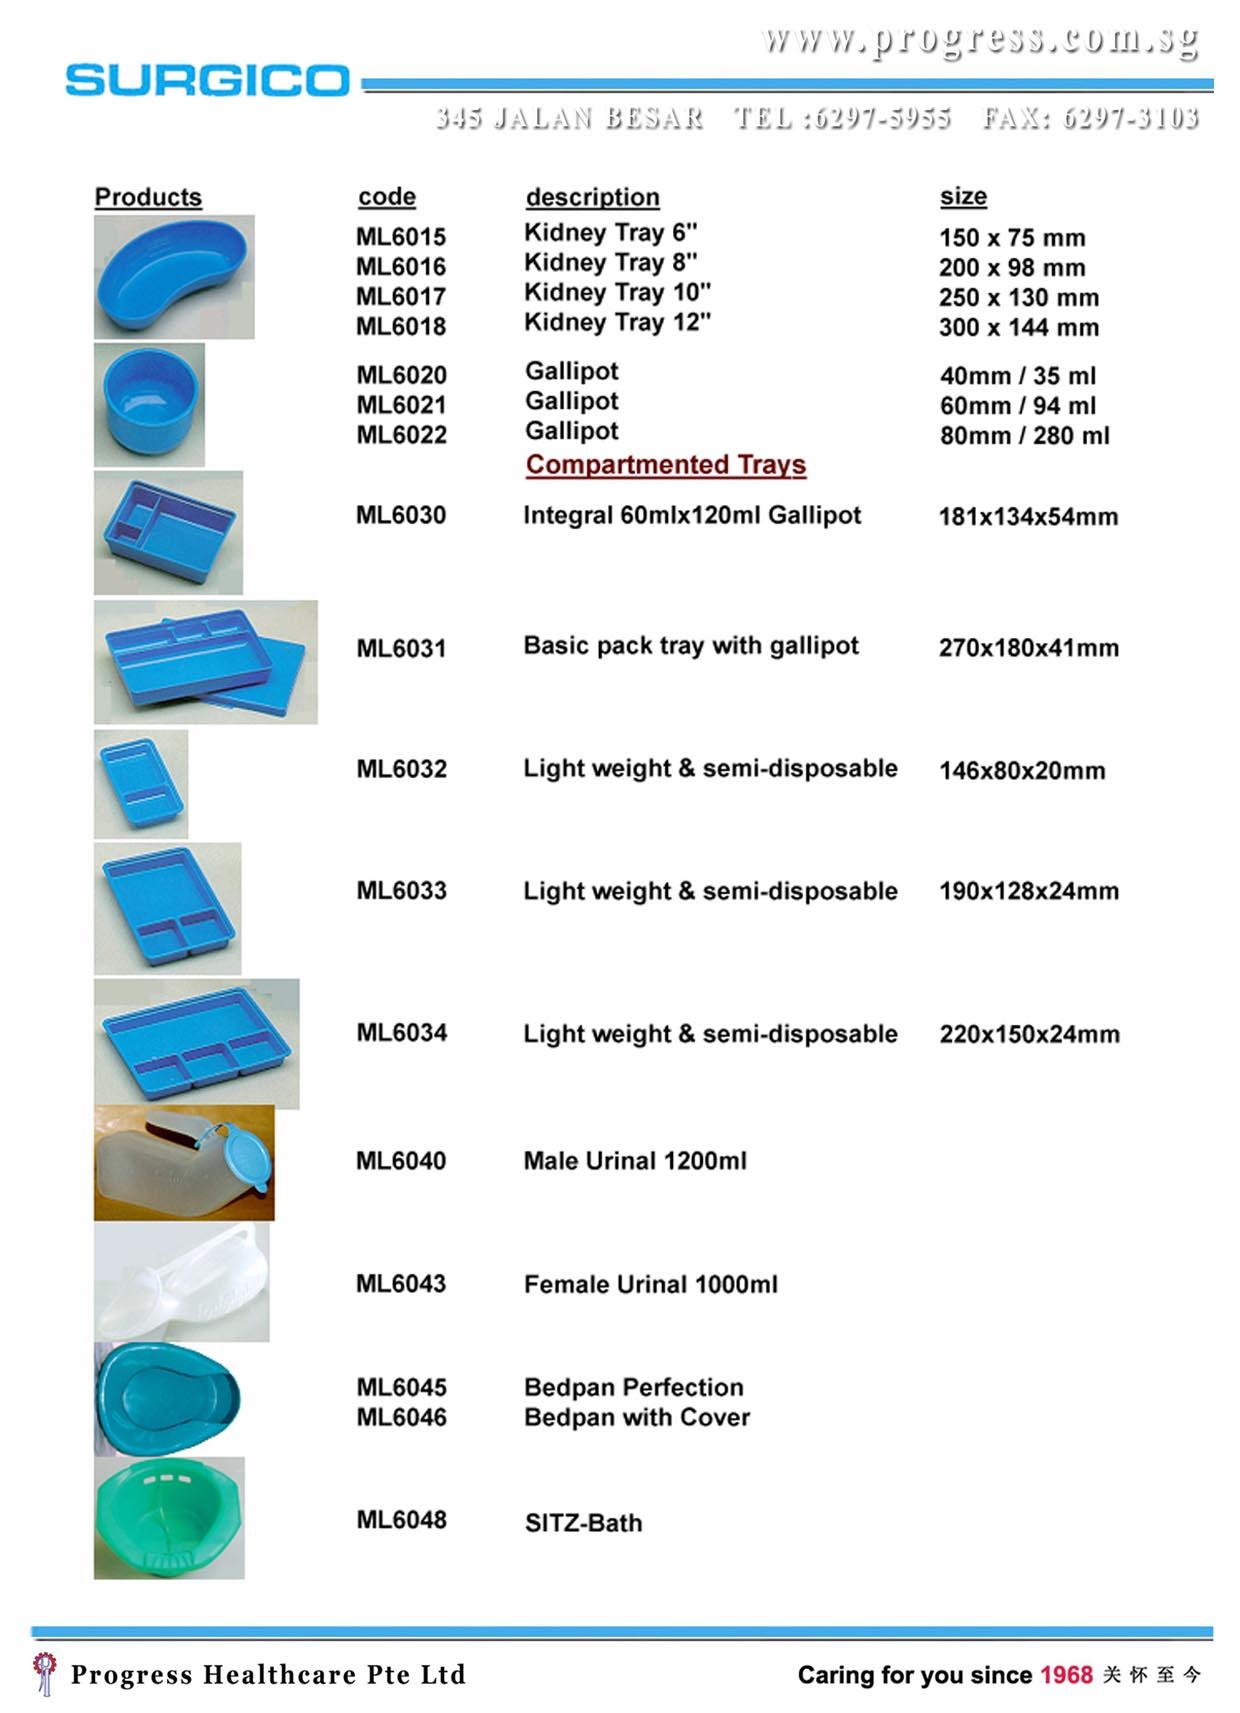 SURGICO Medical Plastics